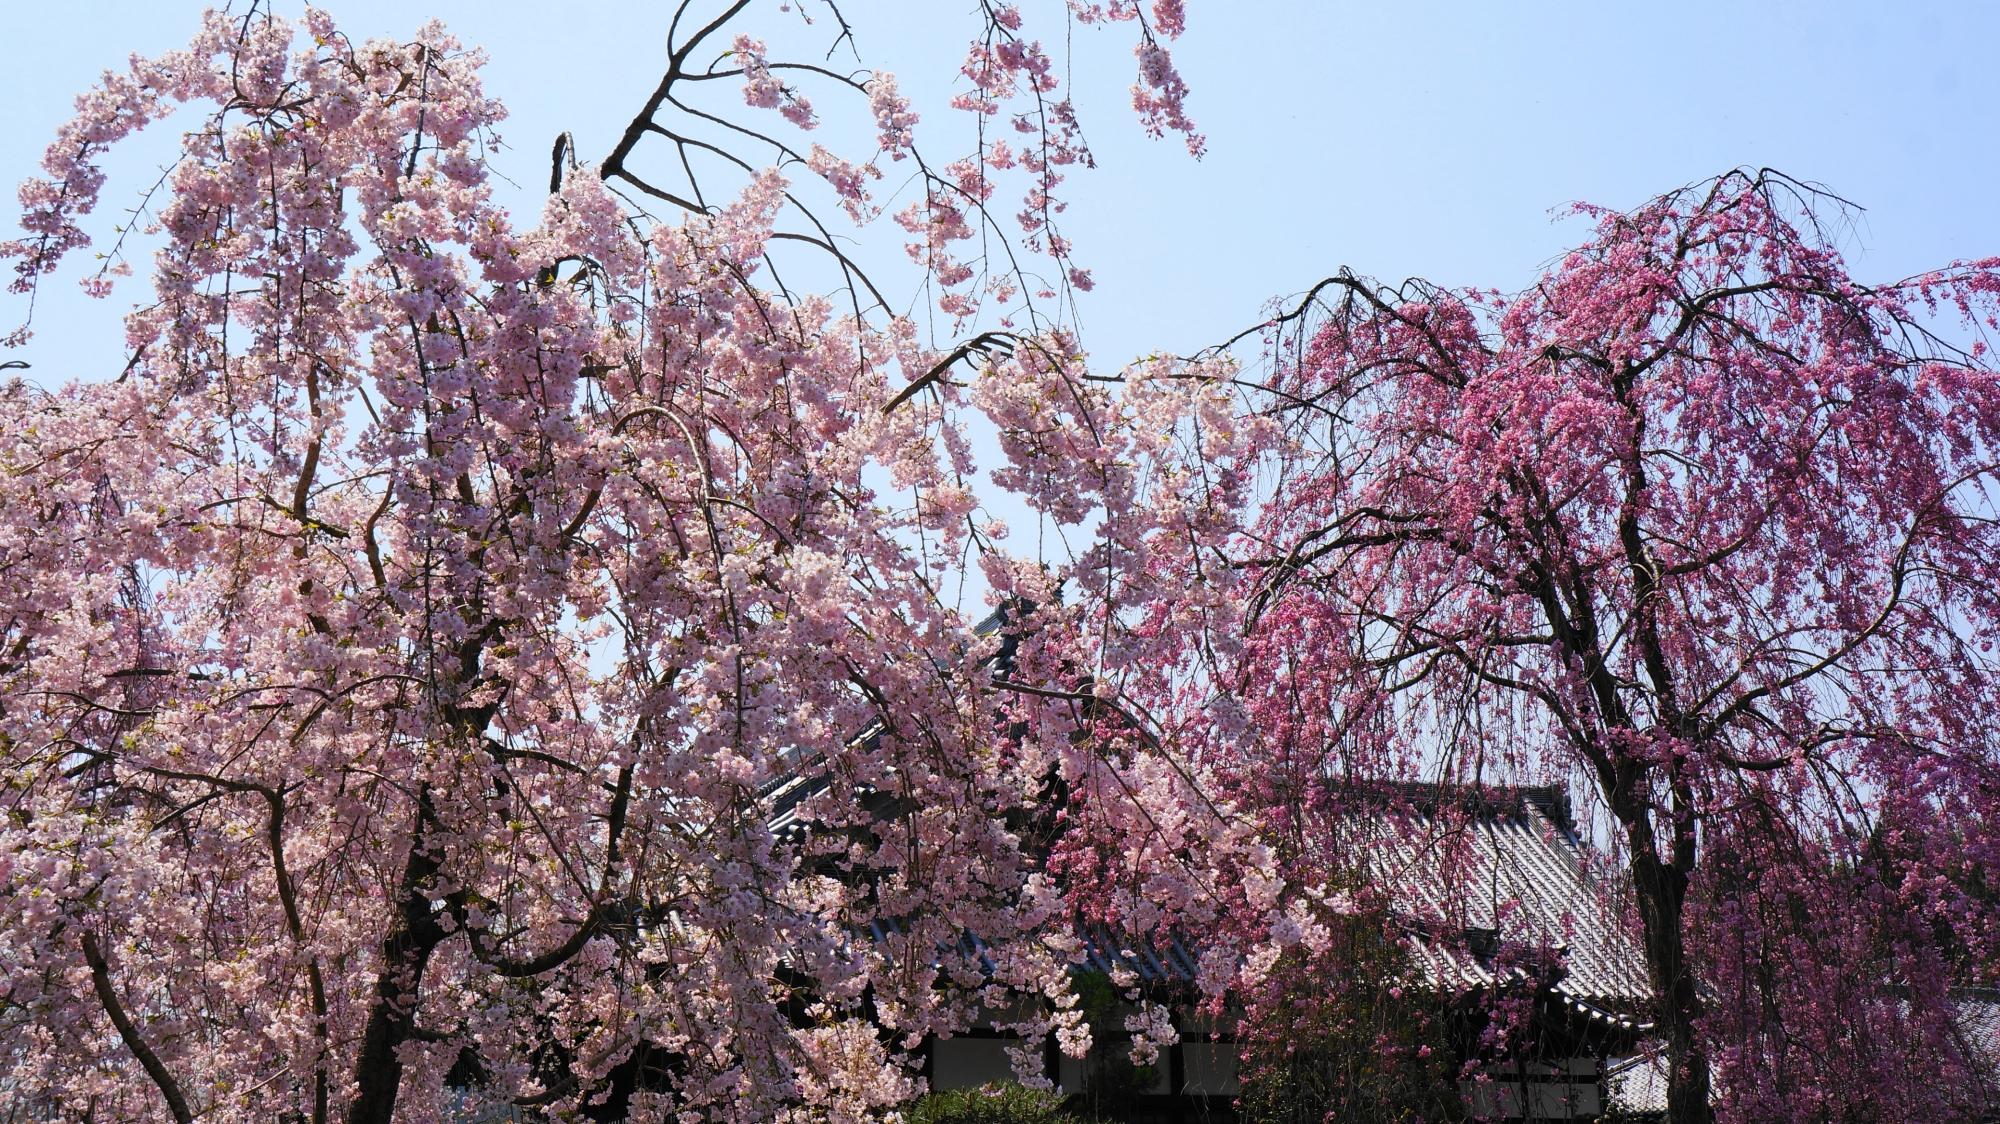 薄いピンクの花や濃いピンクの花など多彩なしだれ桜